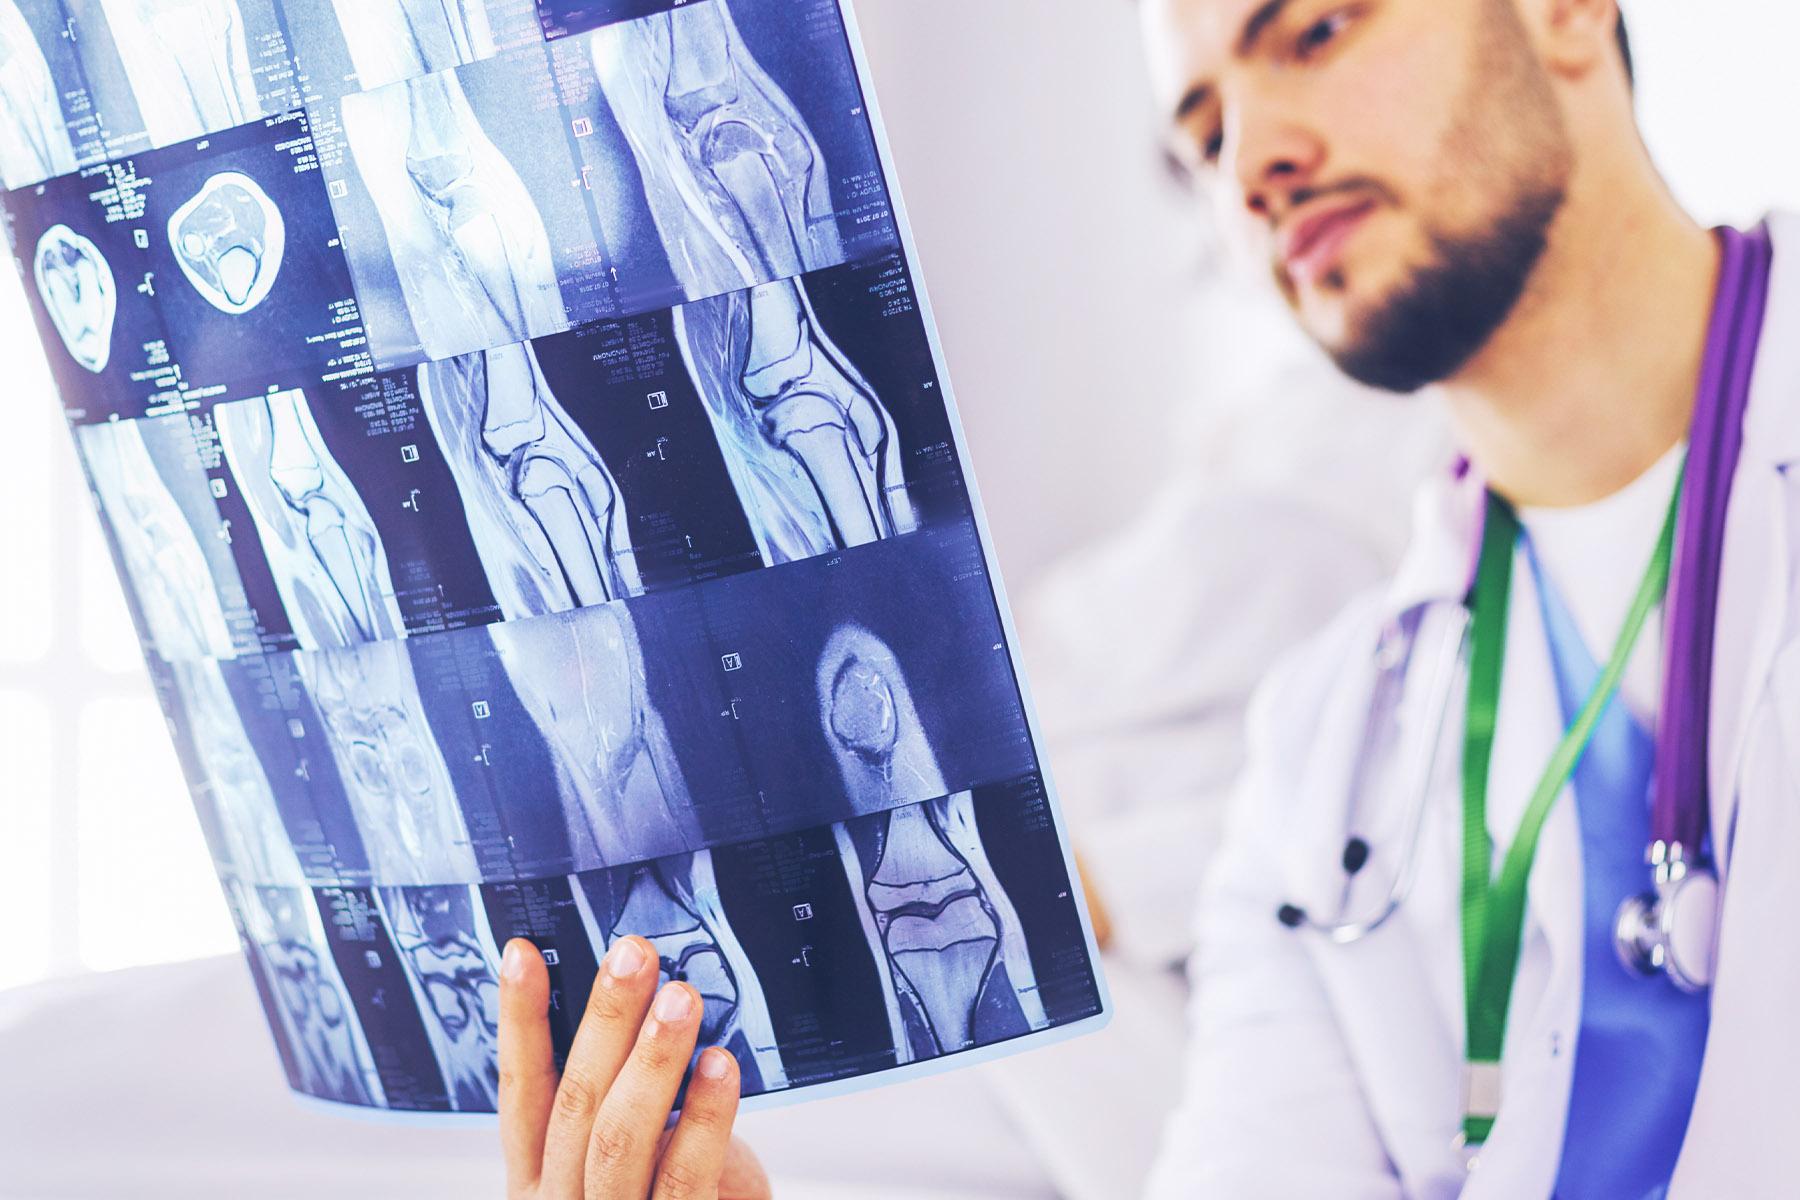 A doctor examining an xray.